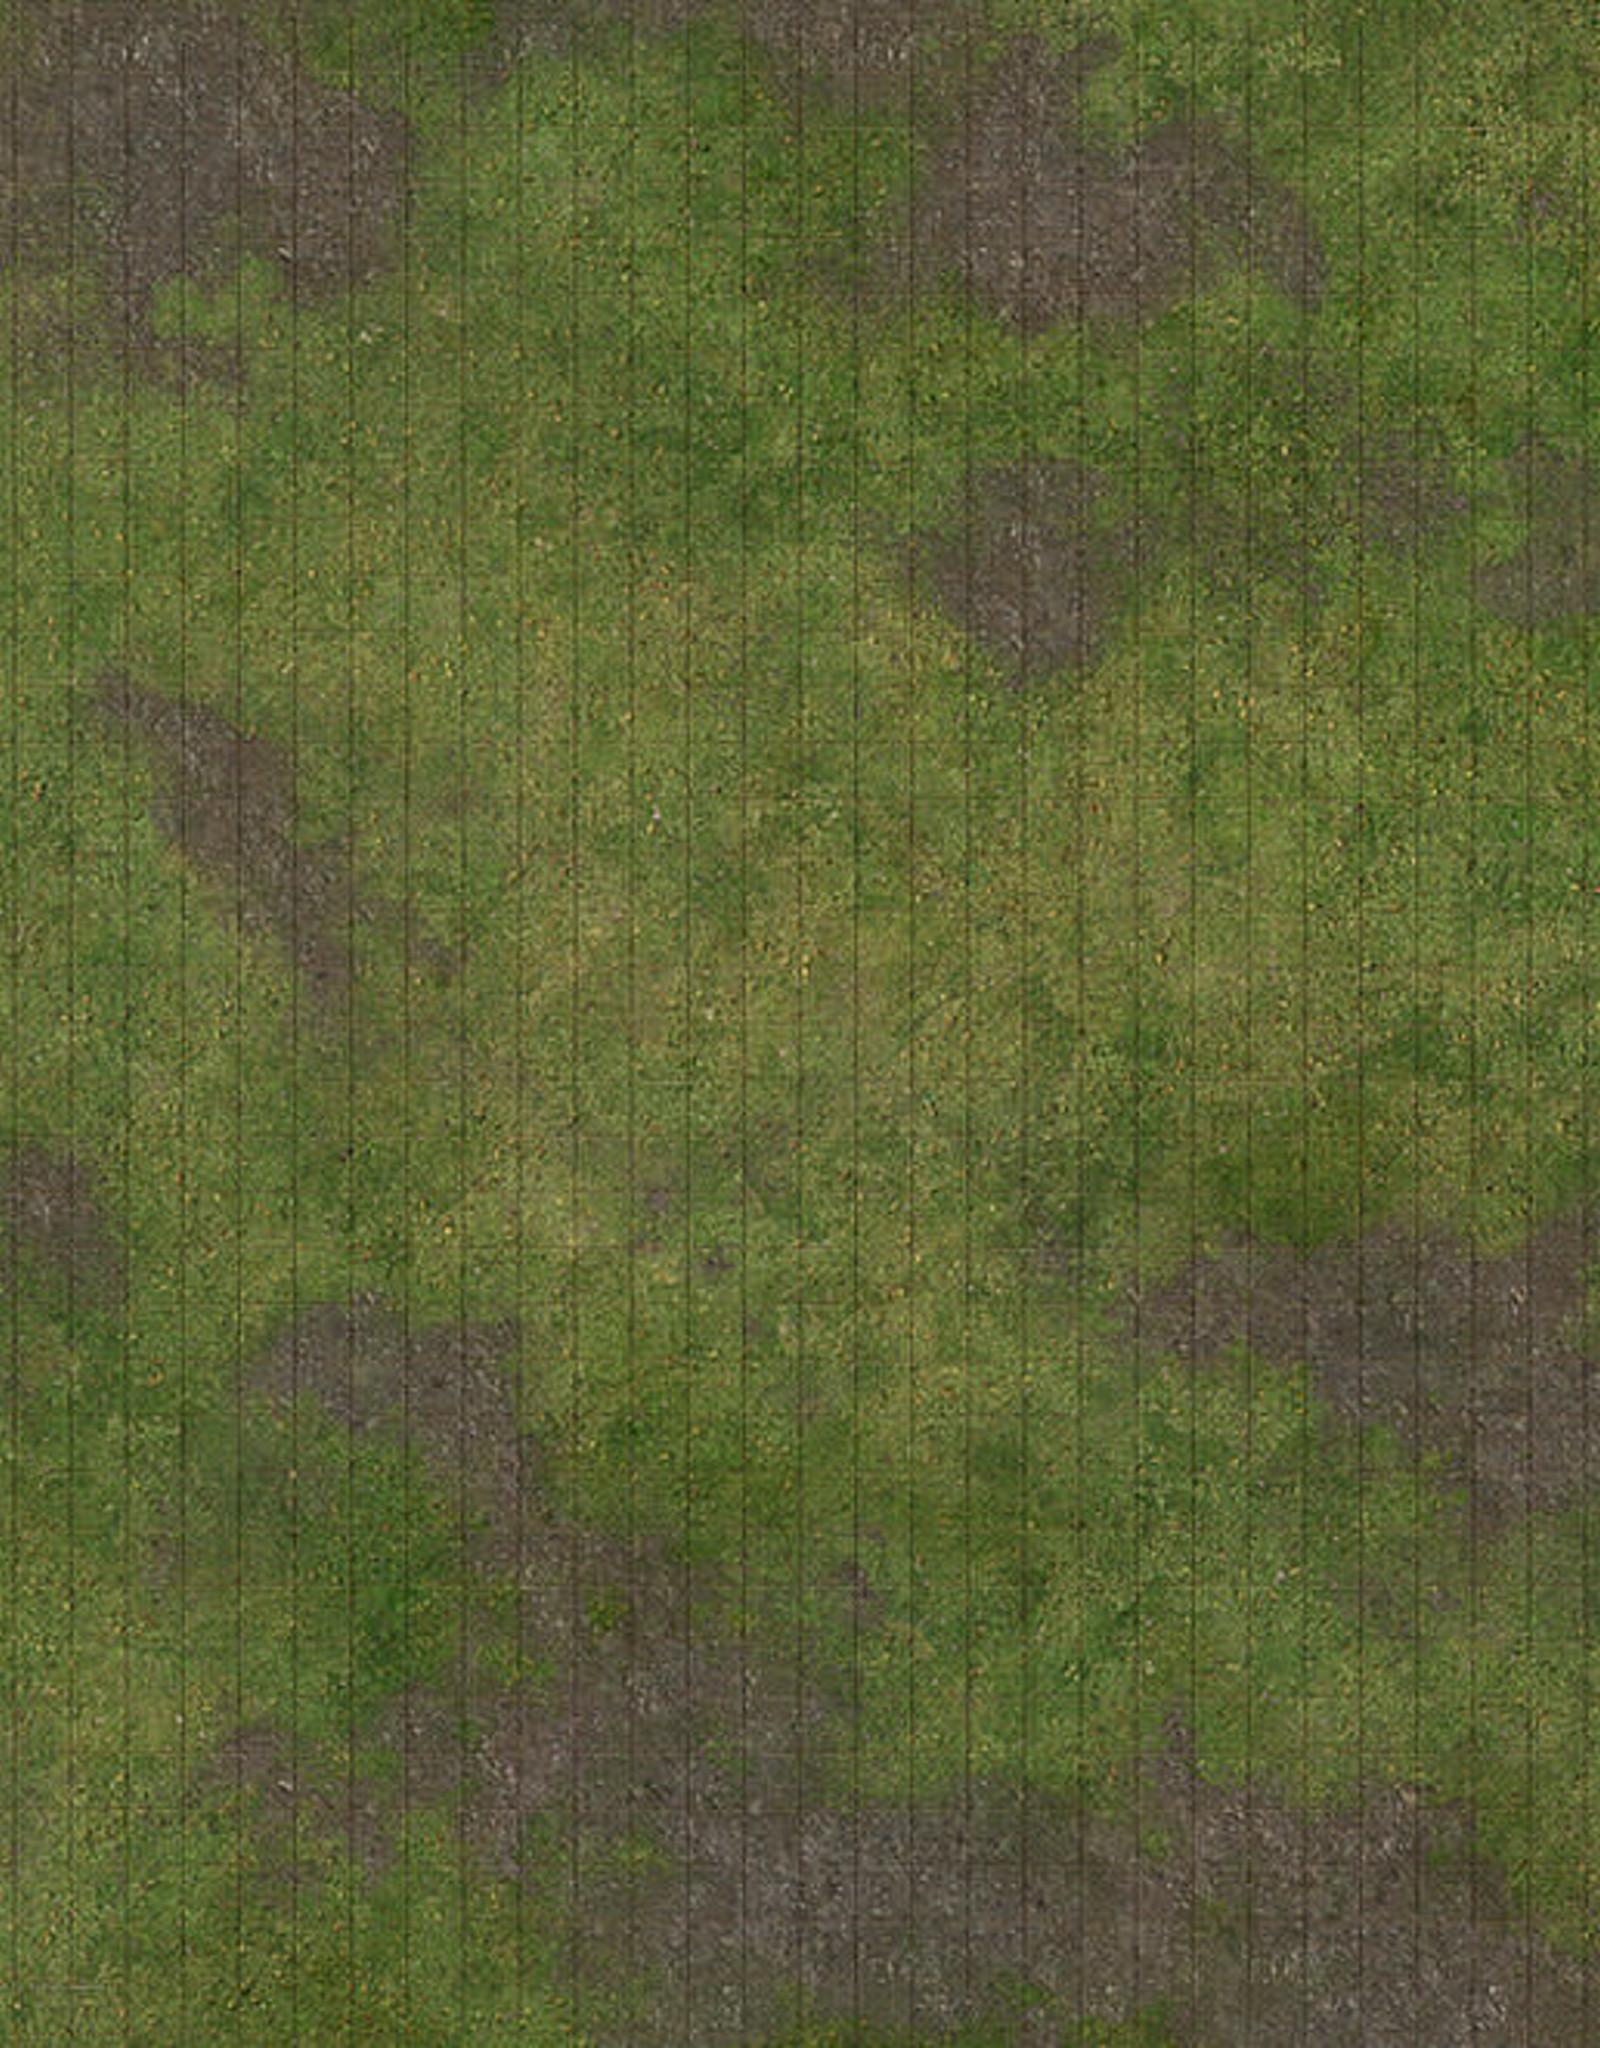 Misc Game Mat: 3' x 3' Grassland/Desert Adventure